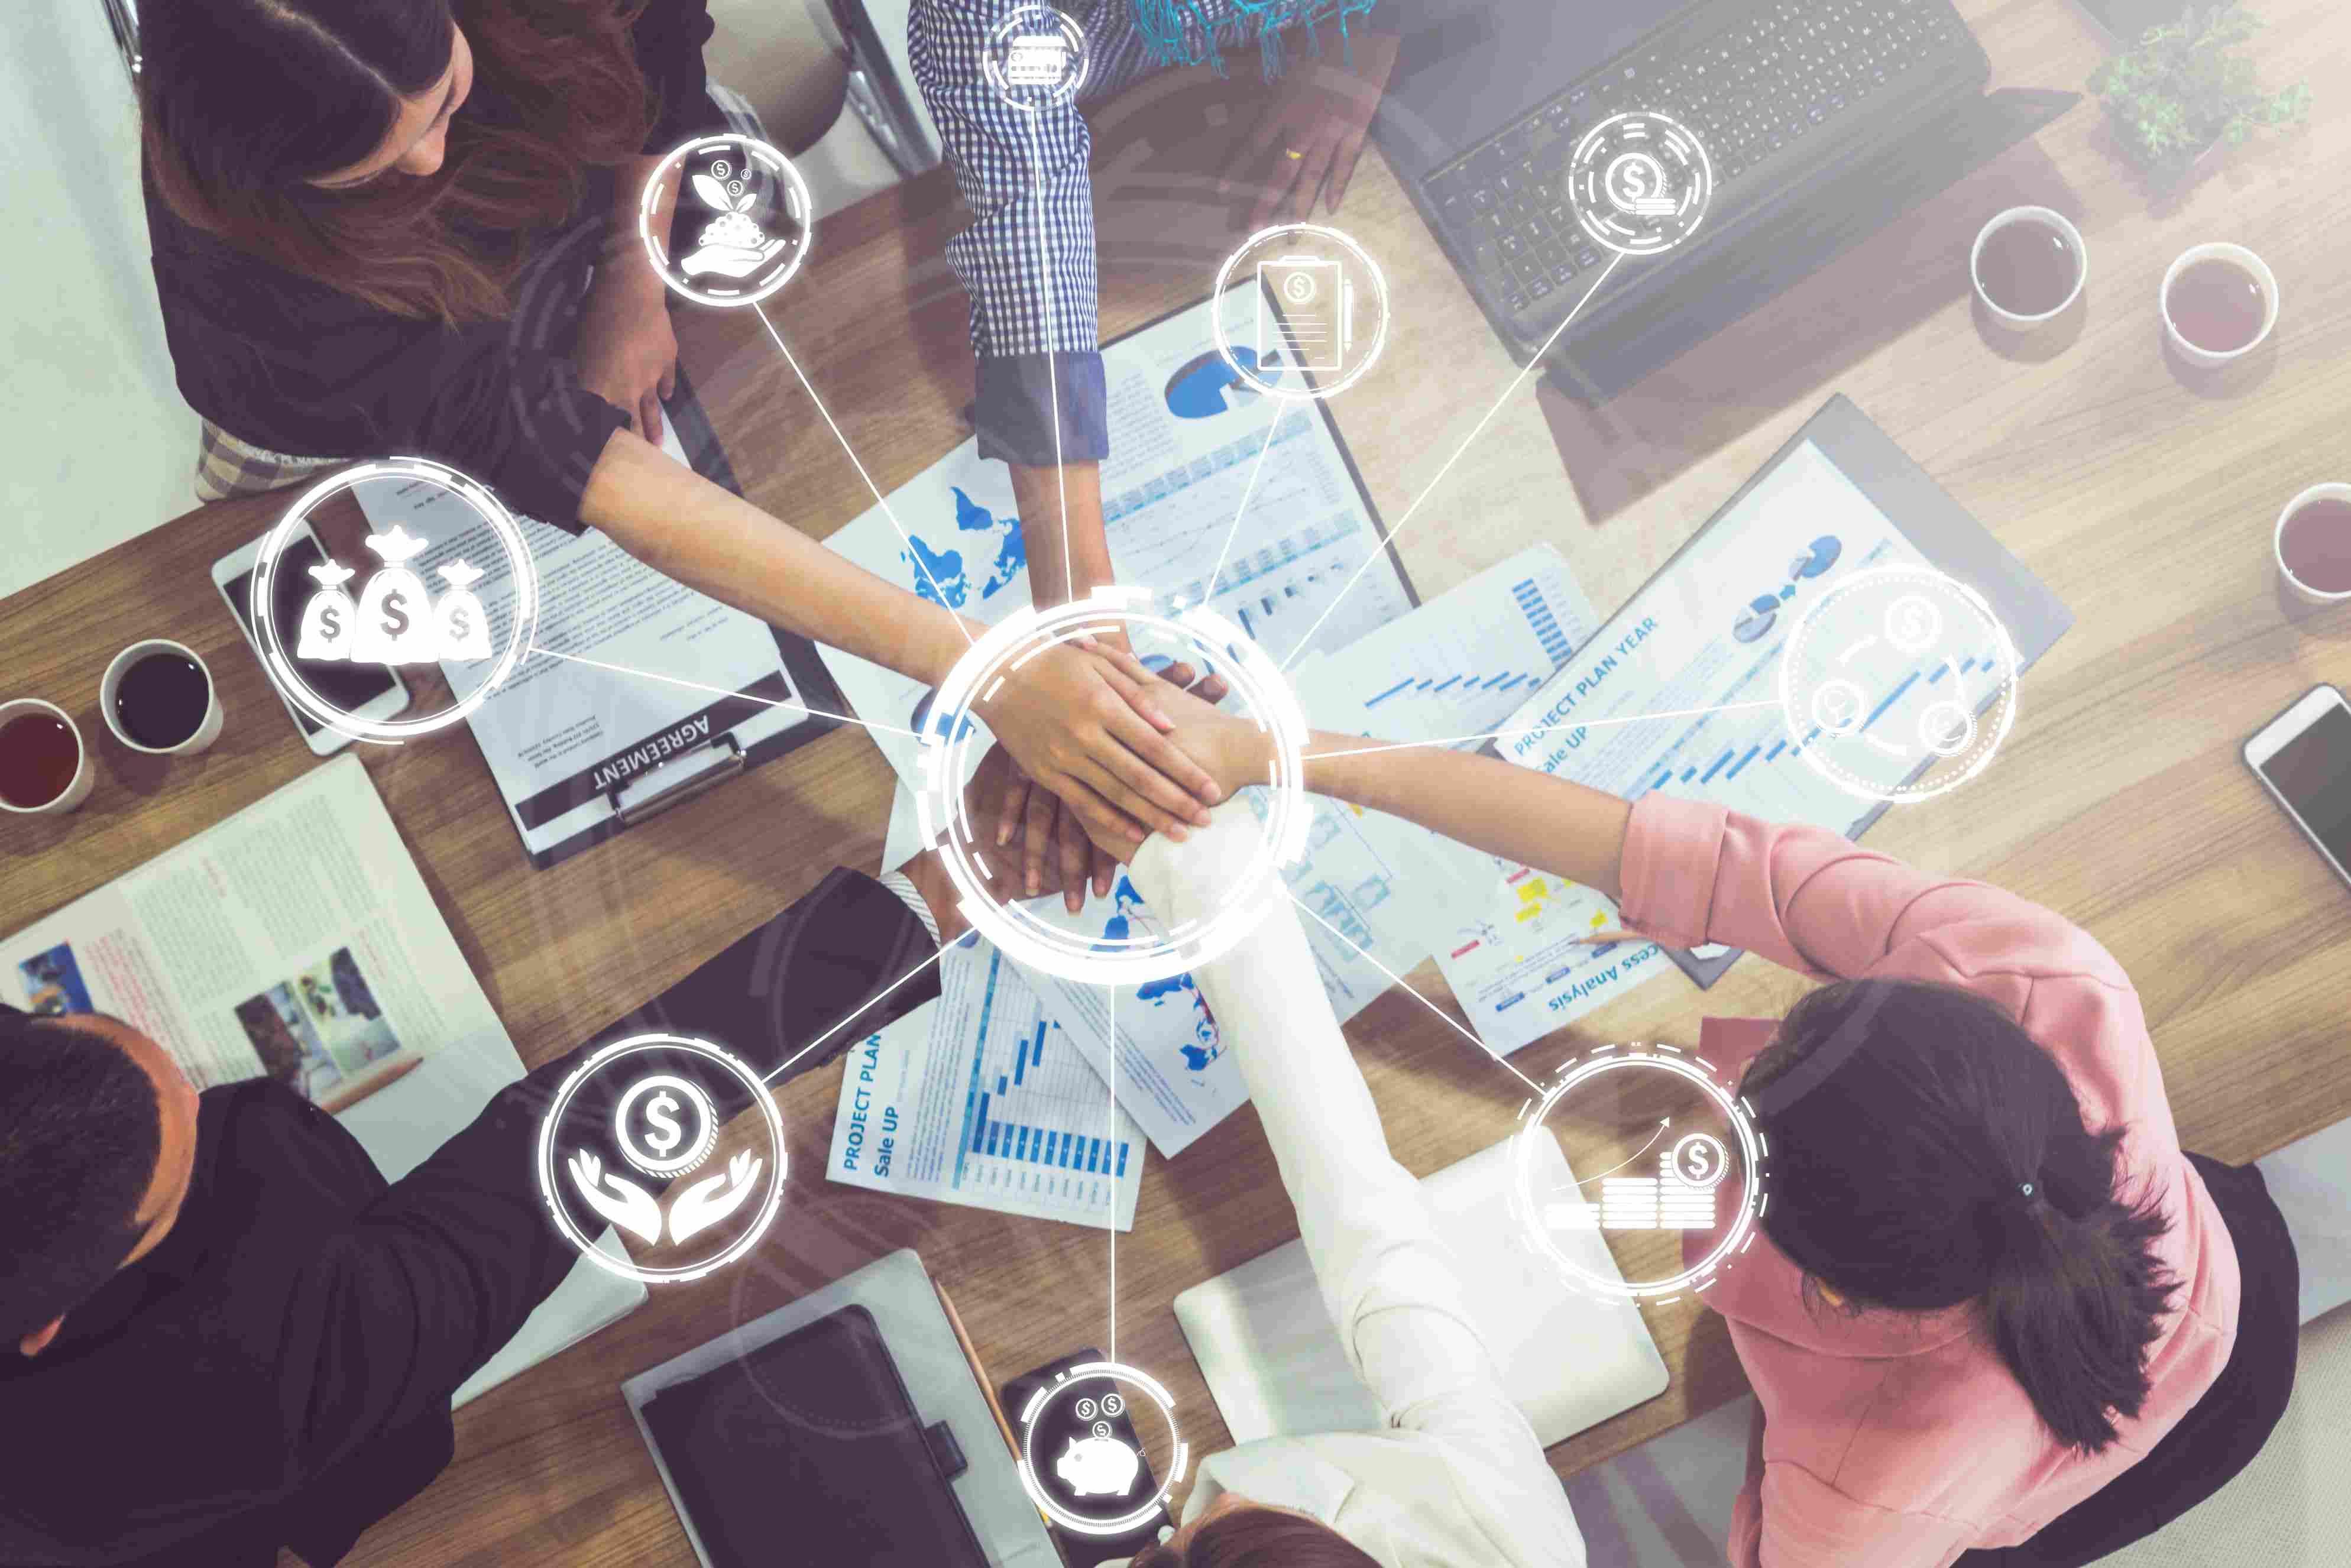 ¿Cómo digitalizar tu empresa? Te ayudamos a dar el paso.